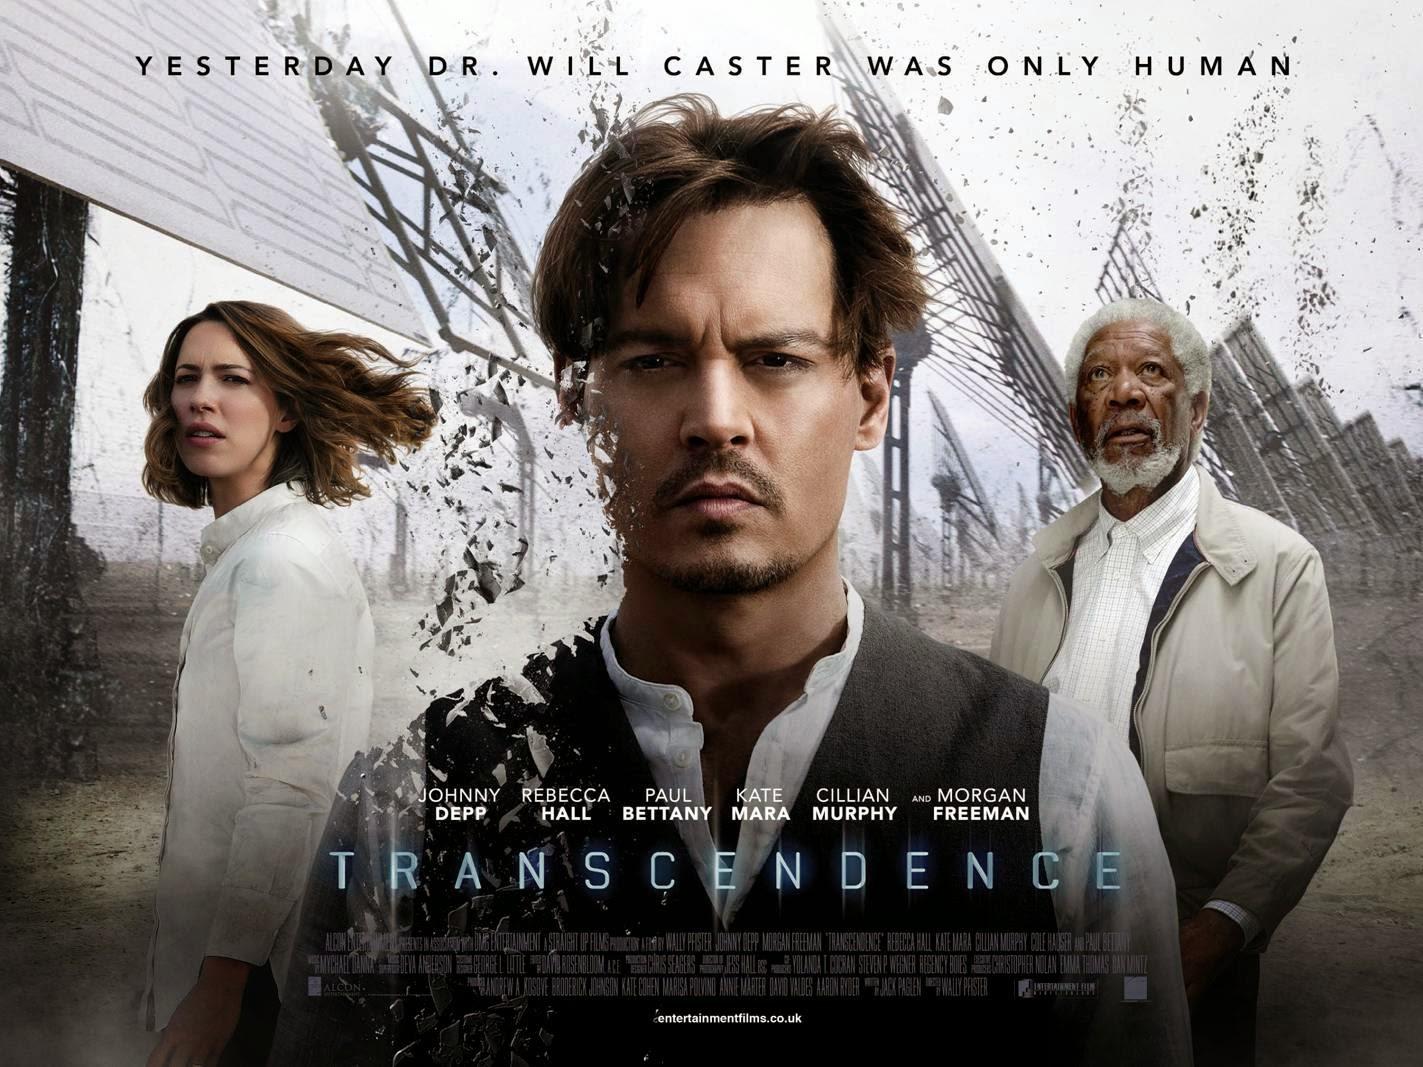 La película aborda la temática de la inmortalidad transhumanista